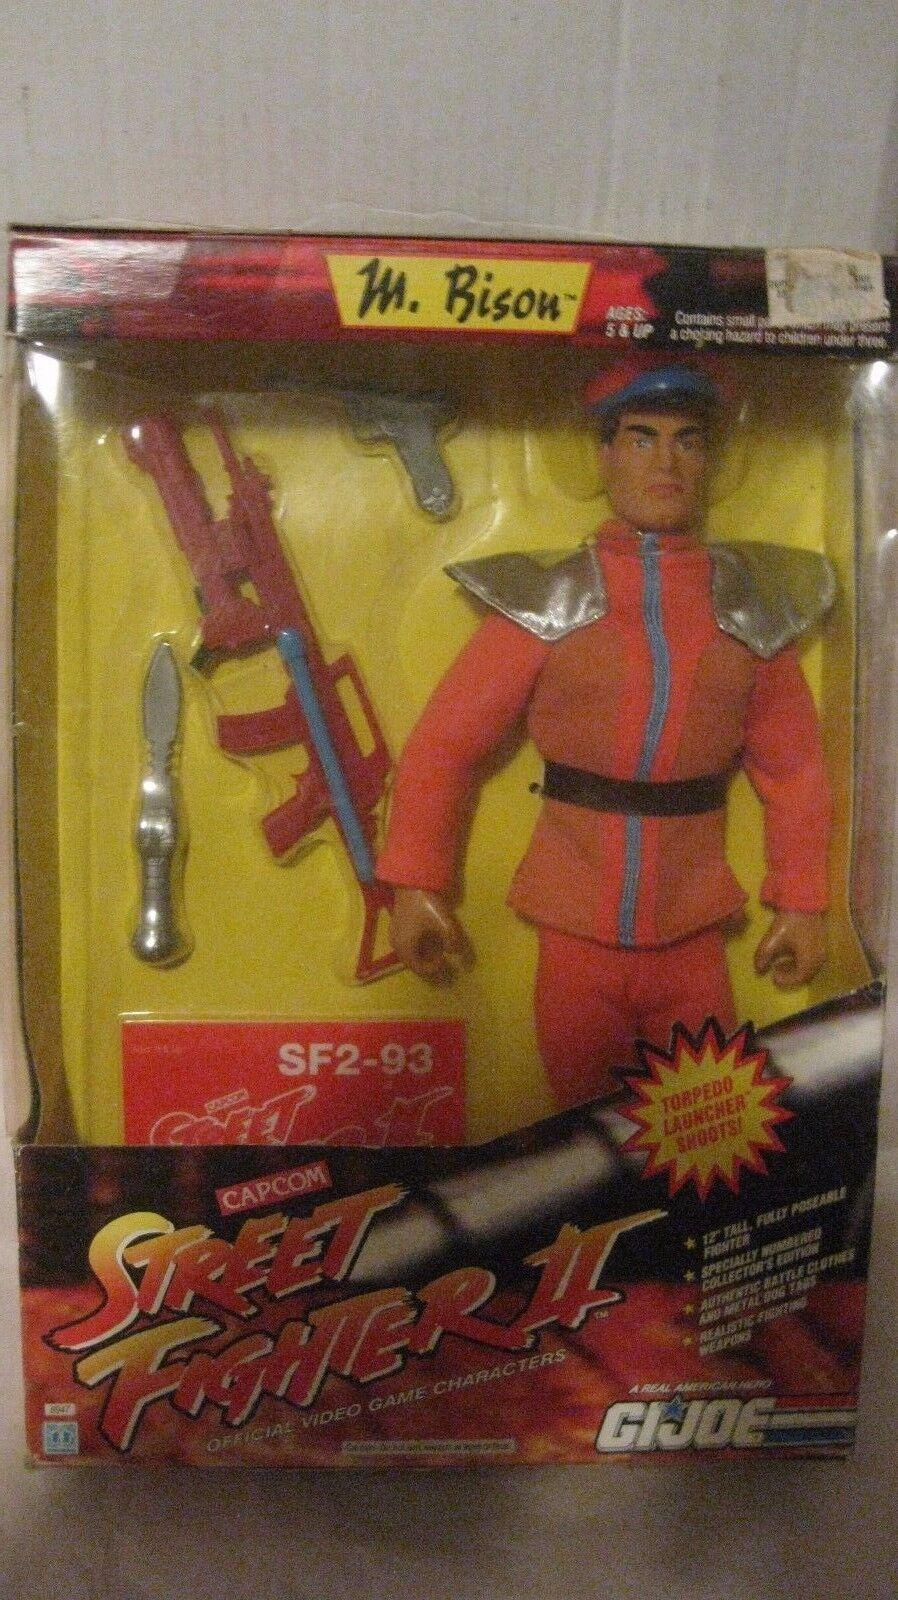 Street fighter 2 m. bison g.i. joe - videospiel - figuren von capcom 1993 neue t58